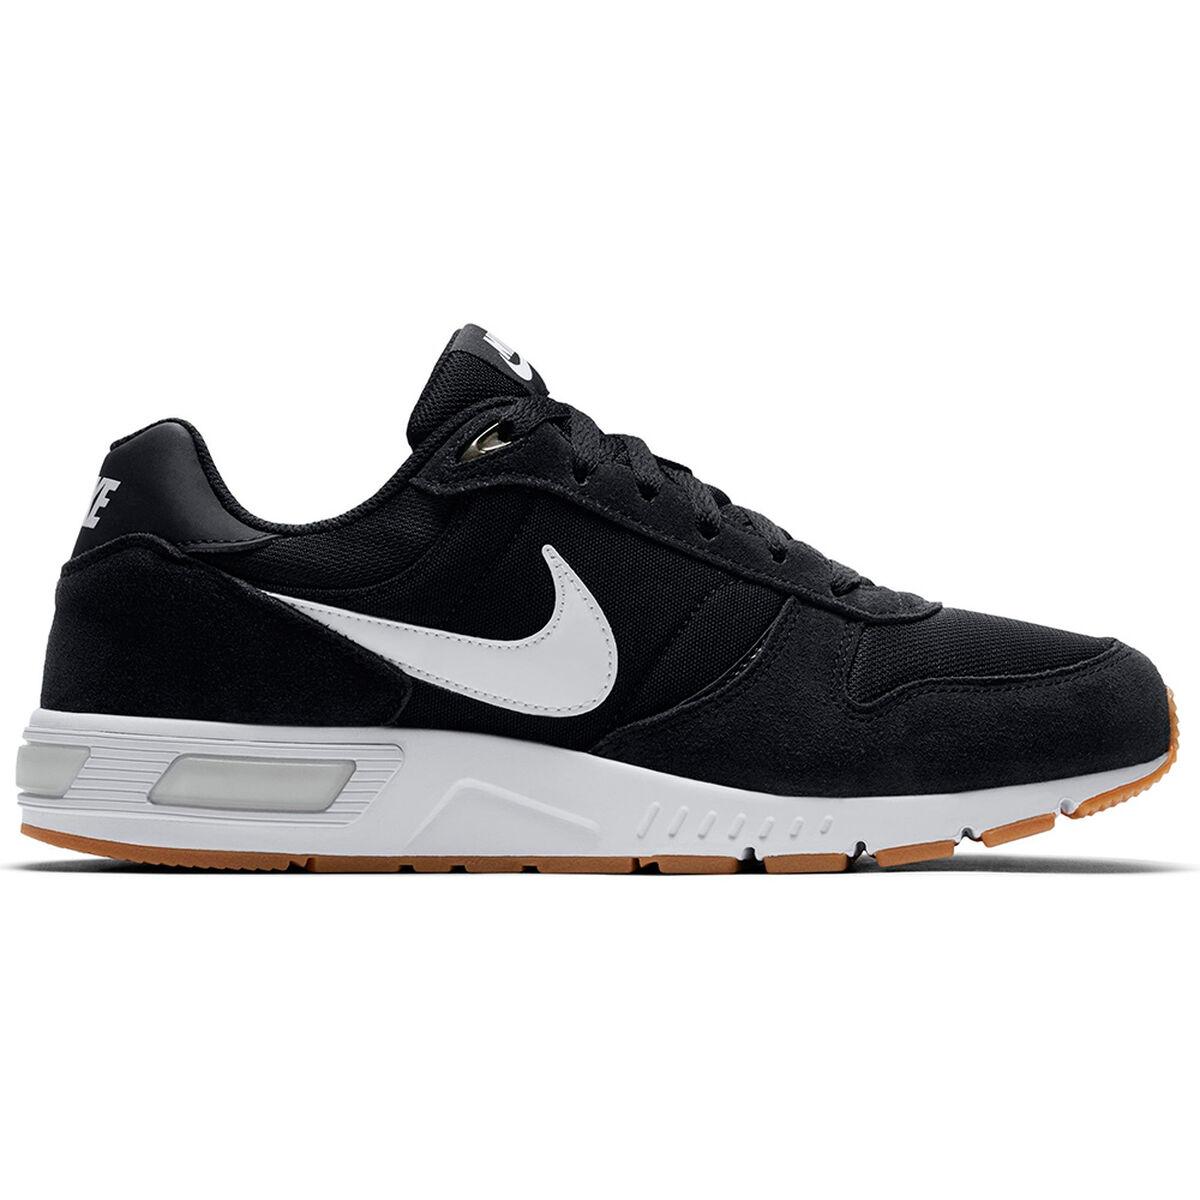 Zapatilla Nike Hombre Running Nightgazer 644402-006